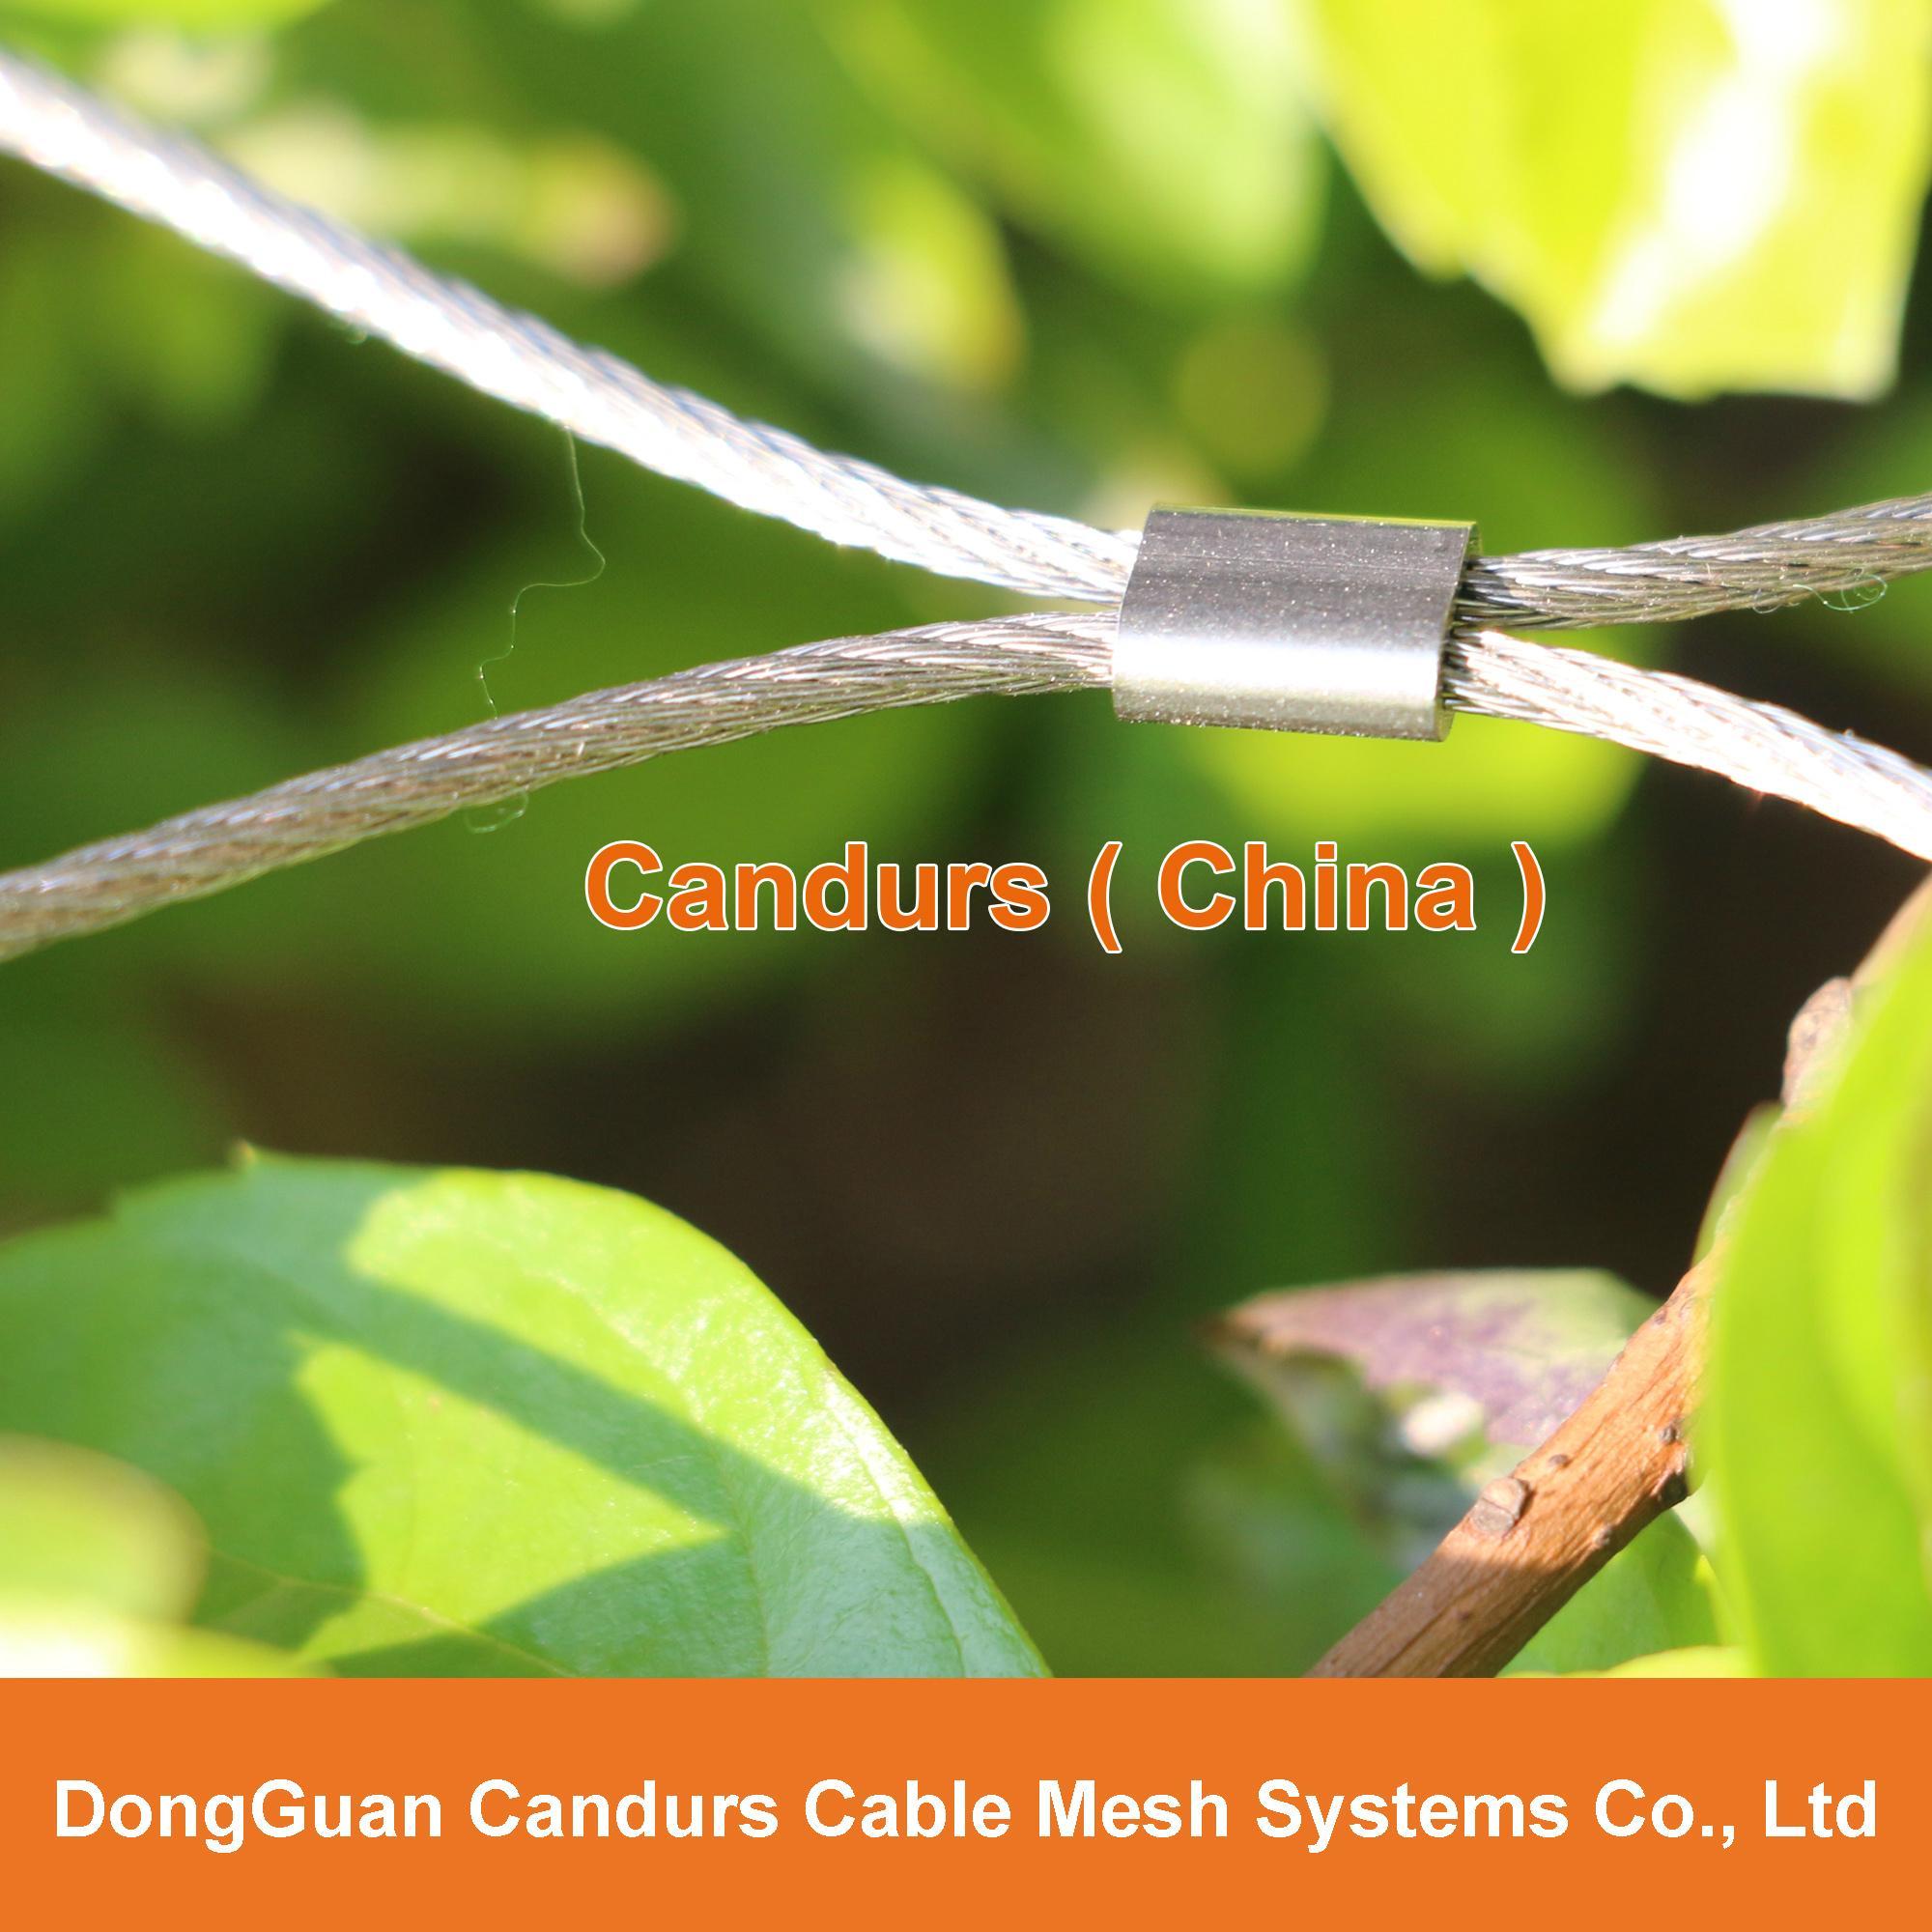 套环网-不锈钢丝绳套环网 12